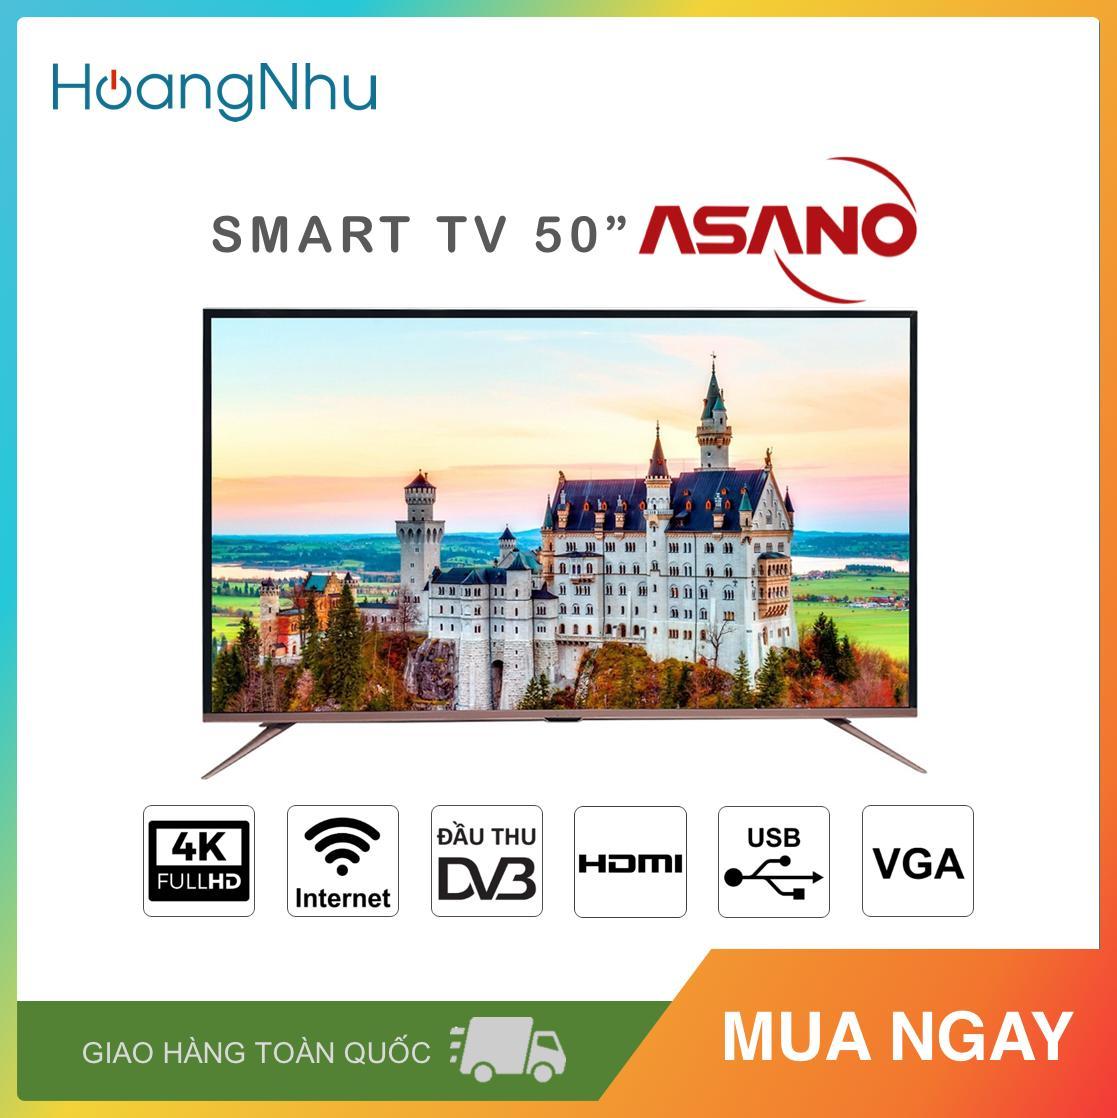 Bảng giá Smart TV UHD 4K Asano 50 inch 50EK3 (Màn hình UHD 4K, Android TV, Wifi, Truyền hình KTS) - Bảo hành toàn quốc 2 năm